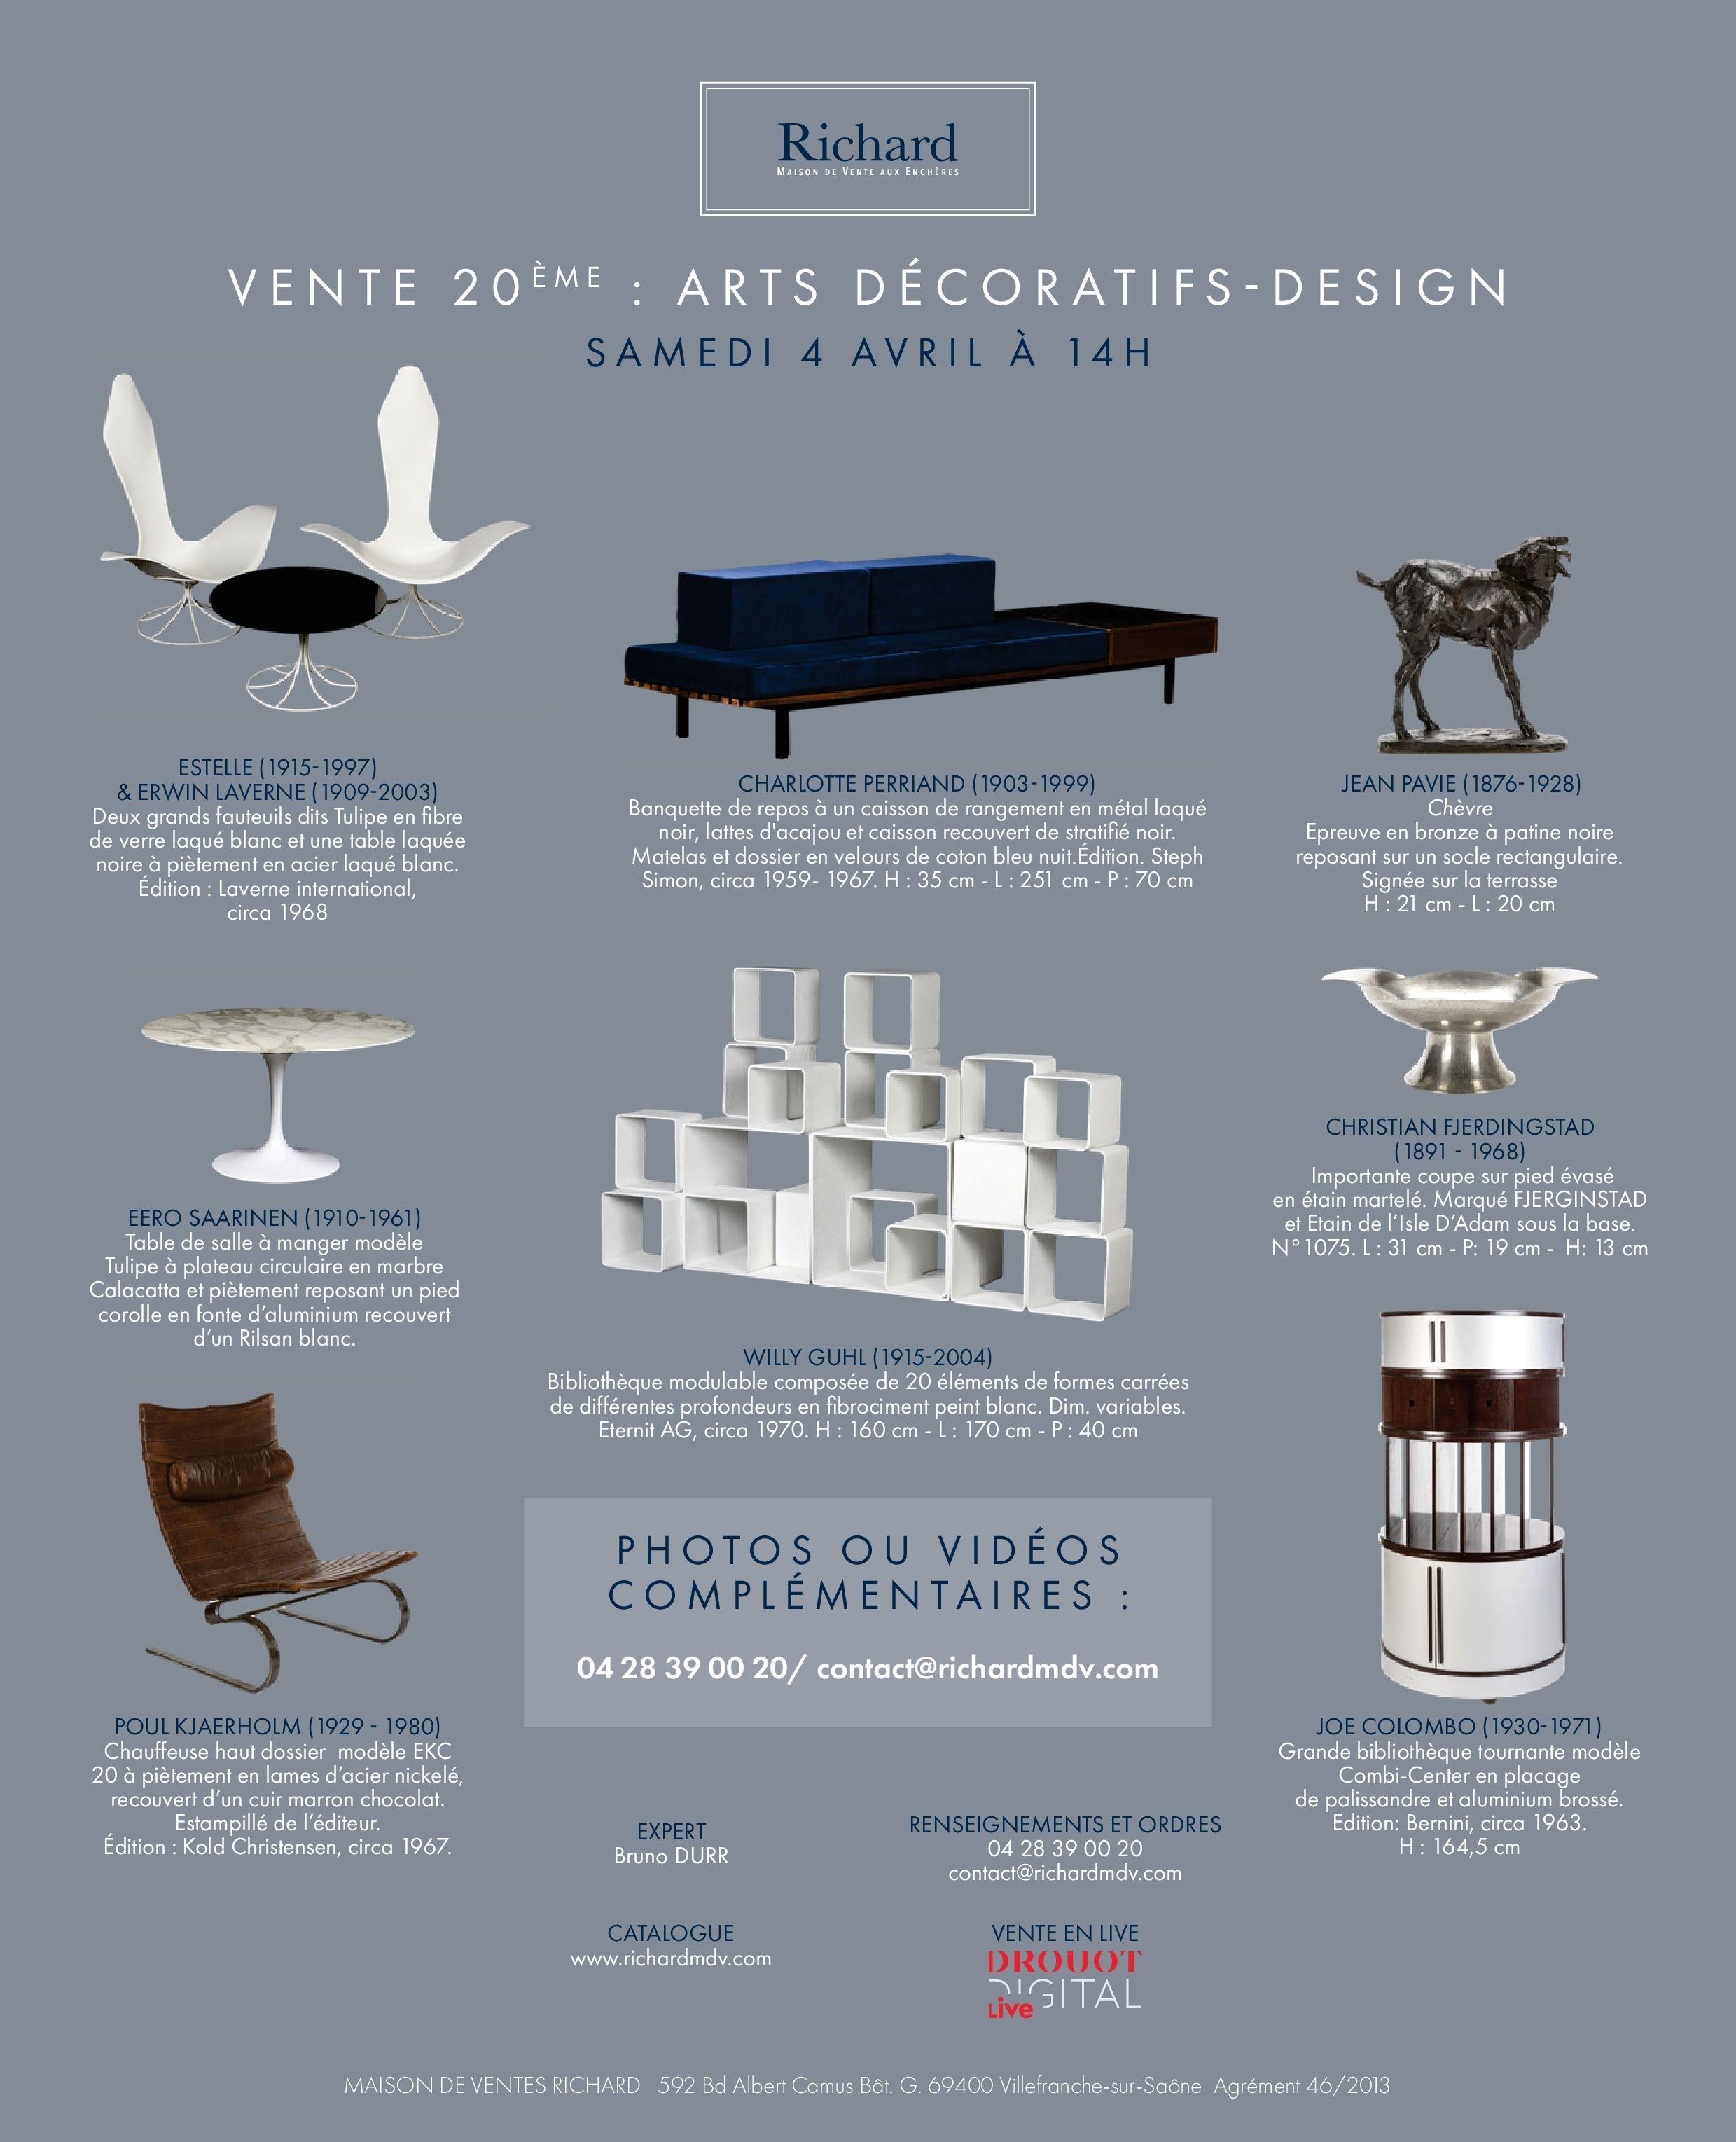 Vente Vente 20ème : Arts Décoratifs, Design chez Maison de ventes Richard : 260 lots